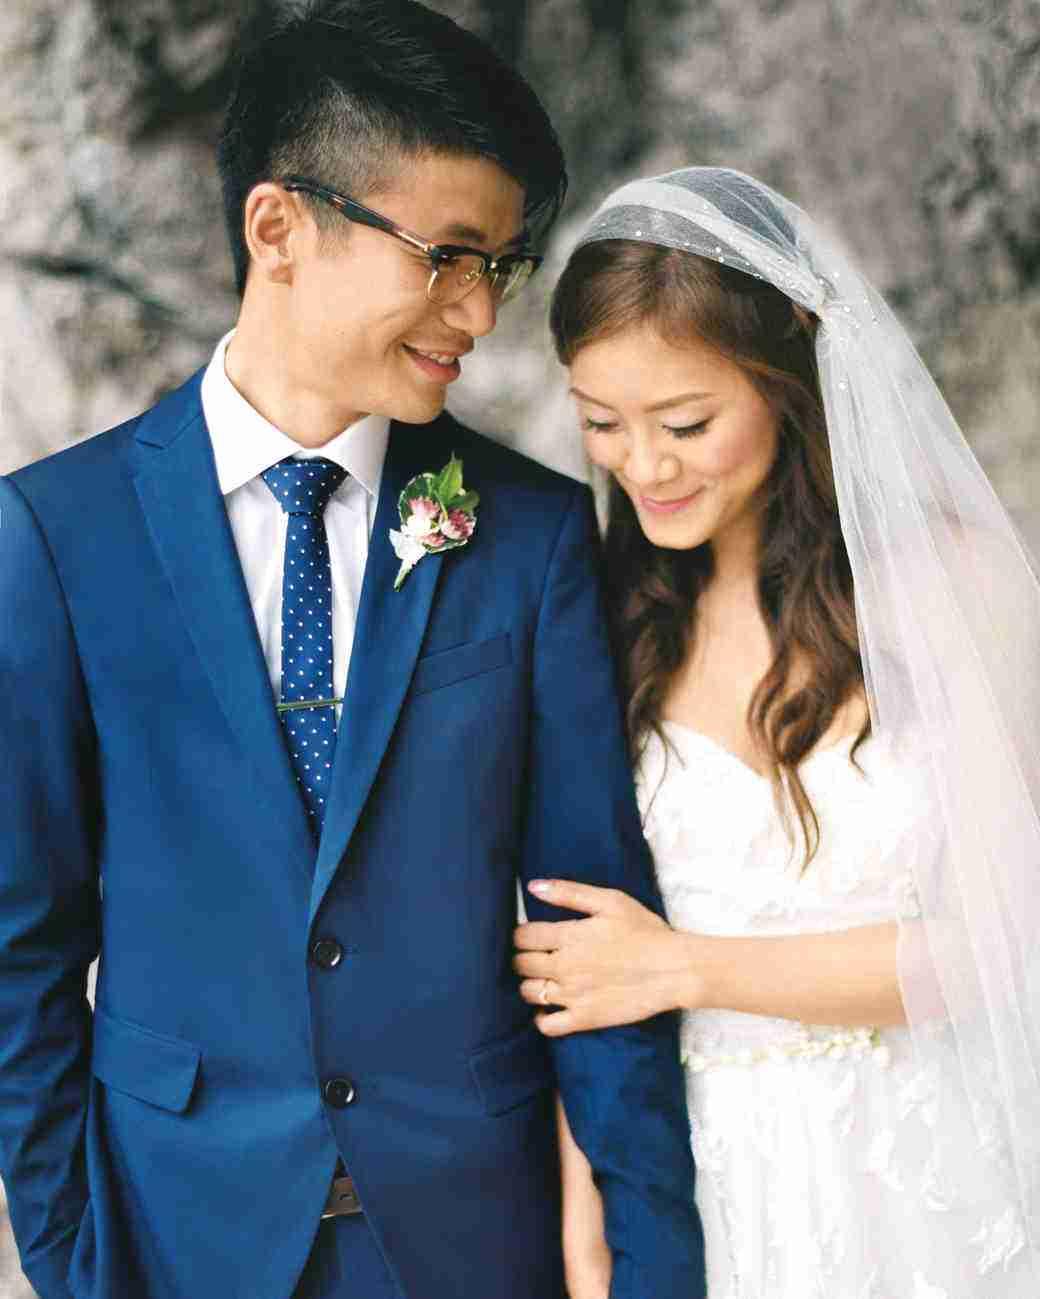 Cưới xong chưa kịp lại mặt đã phát hiện chồng là chú rể trong đám cưới khác-1